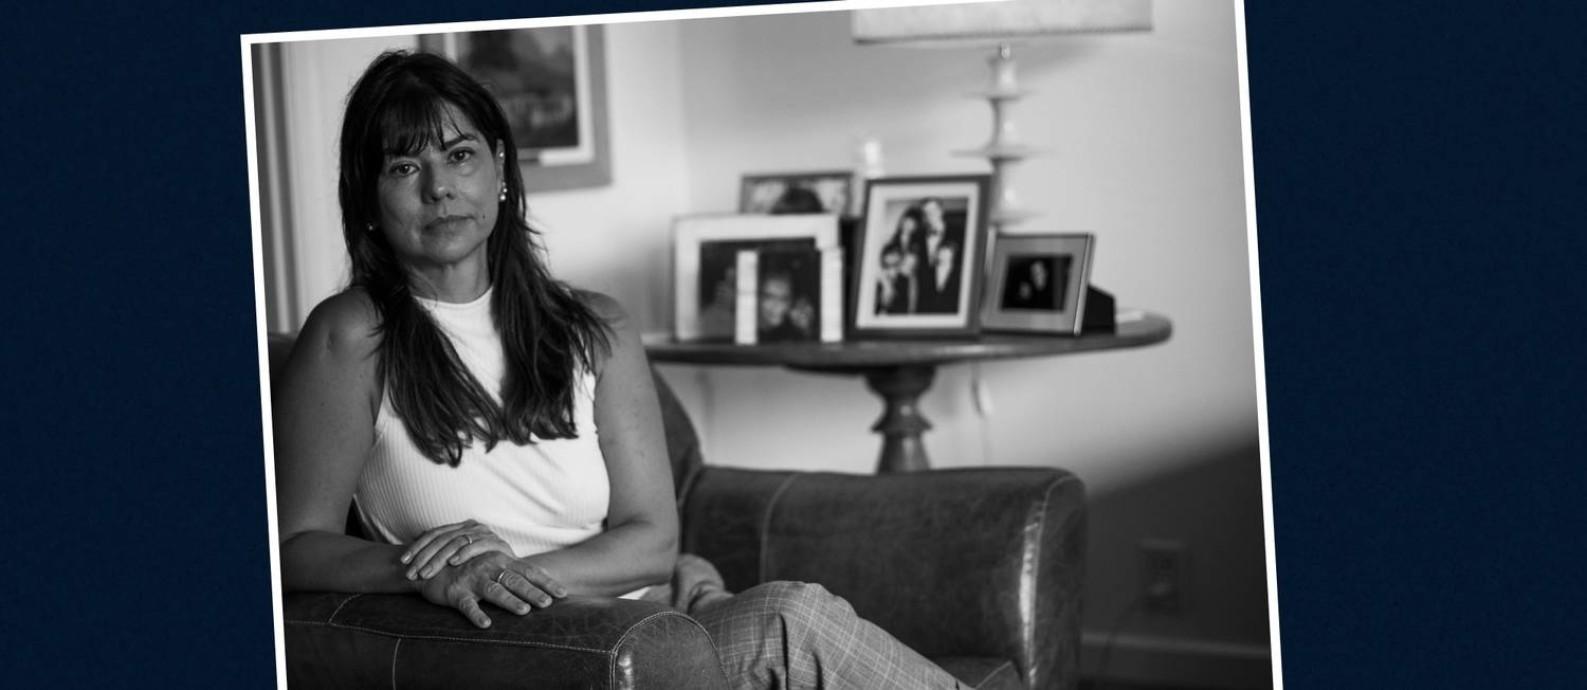 Entre nas conversas por mensagens de texto, Denise tentava manter o otimismo em relação ao quadro de saúde do marido Foto: Guito Moreto